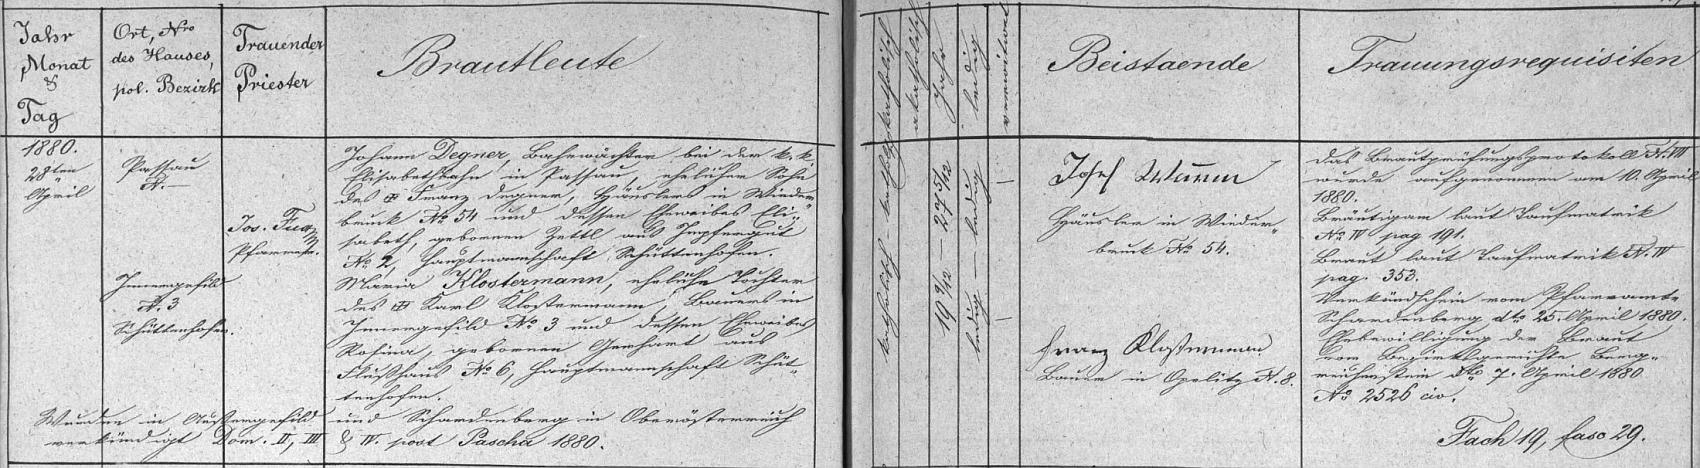 Záznam kvildské oddací matriky o svatbě Johanna Degnera s Marií, roz. Klostermannovou